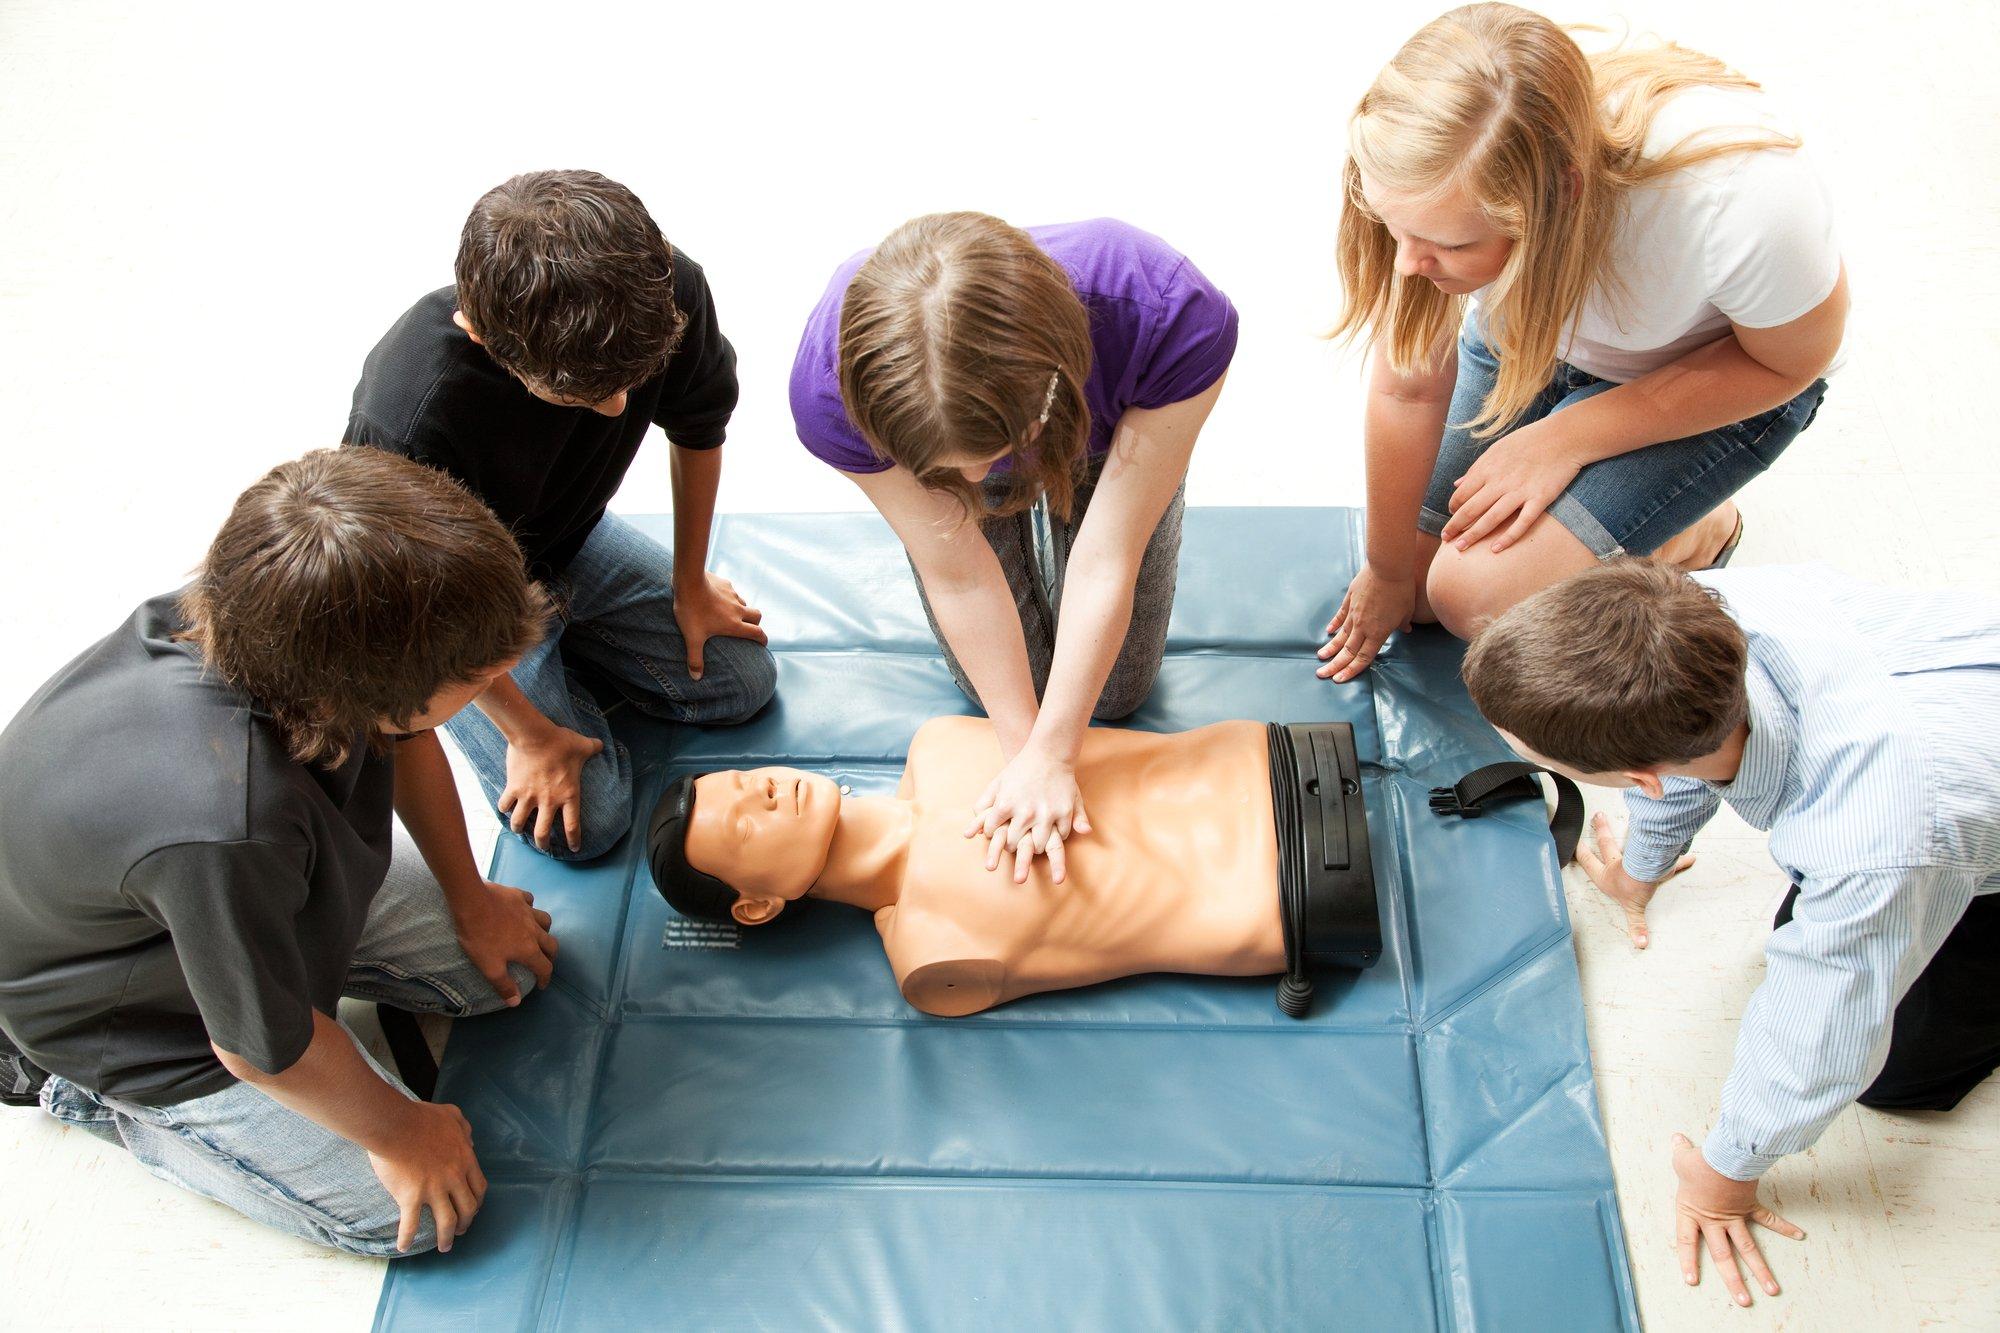 depositphotos 7314829 l 2015.jpg?resize=366,290 - Tous les élèves de troisième vont être formés aux gestes de premiers secours d'ici 2022.